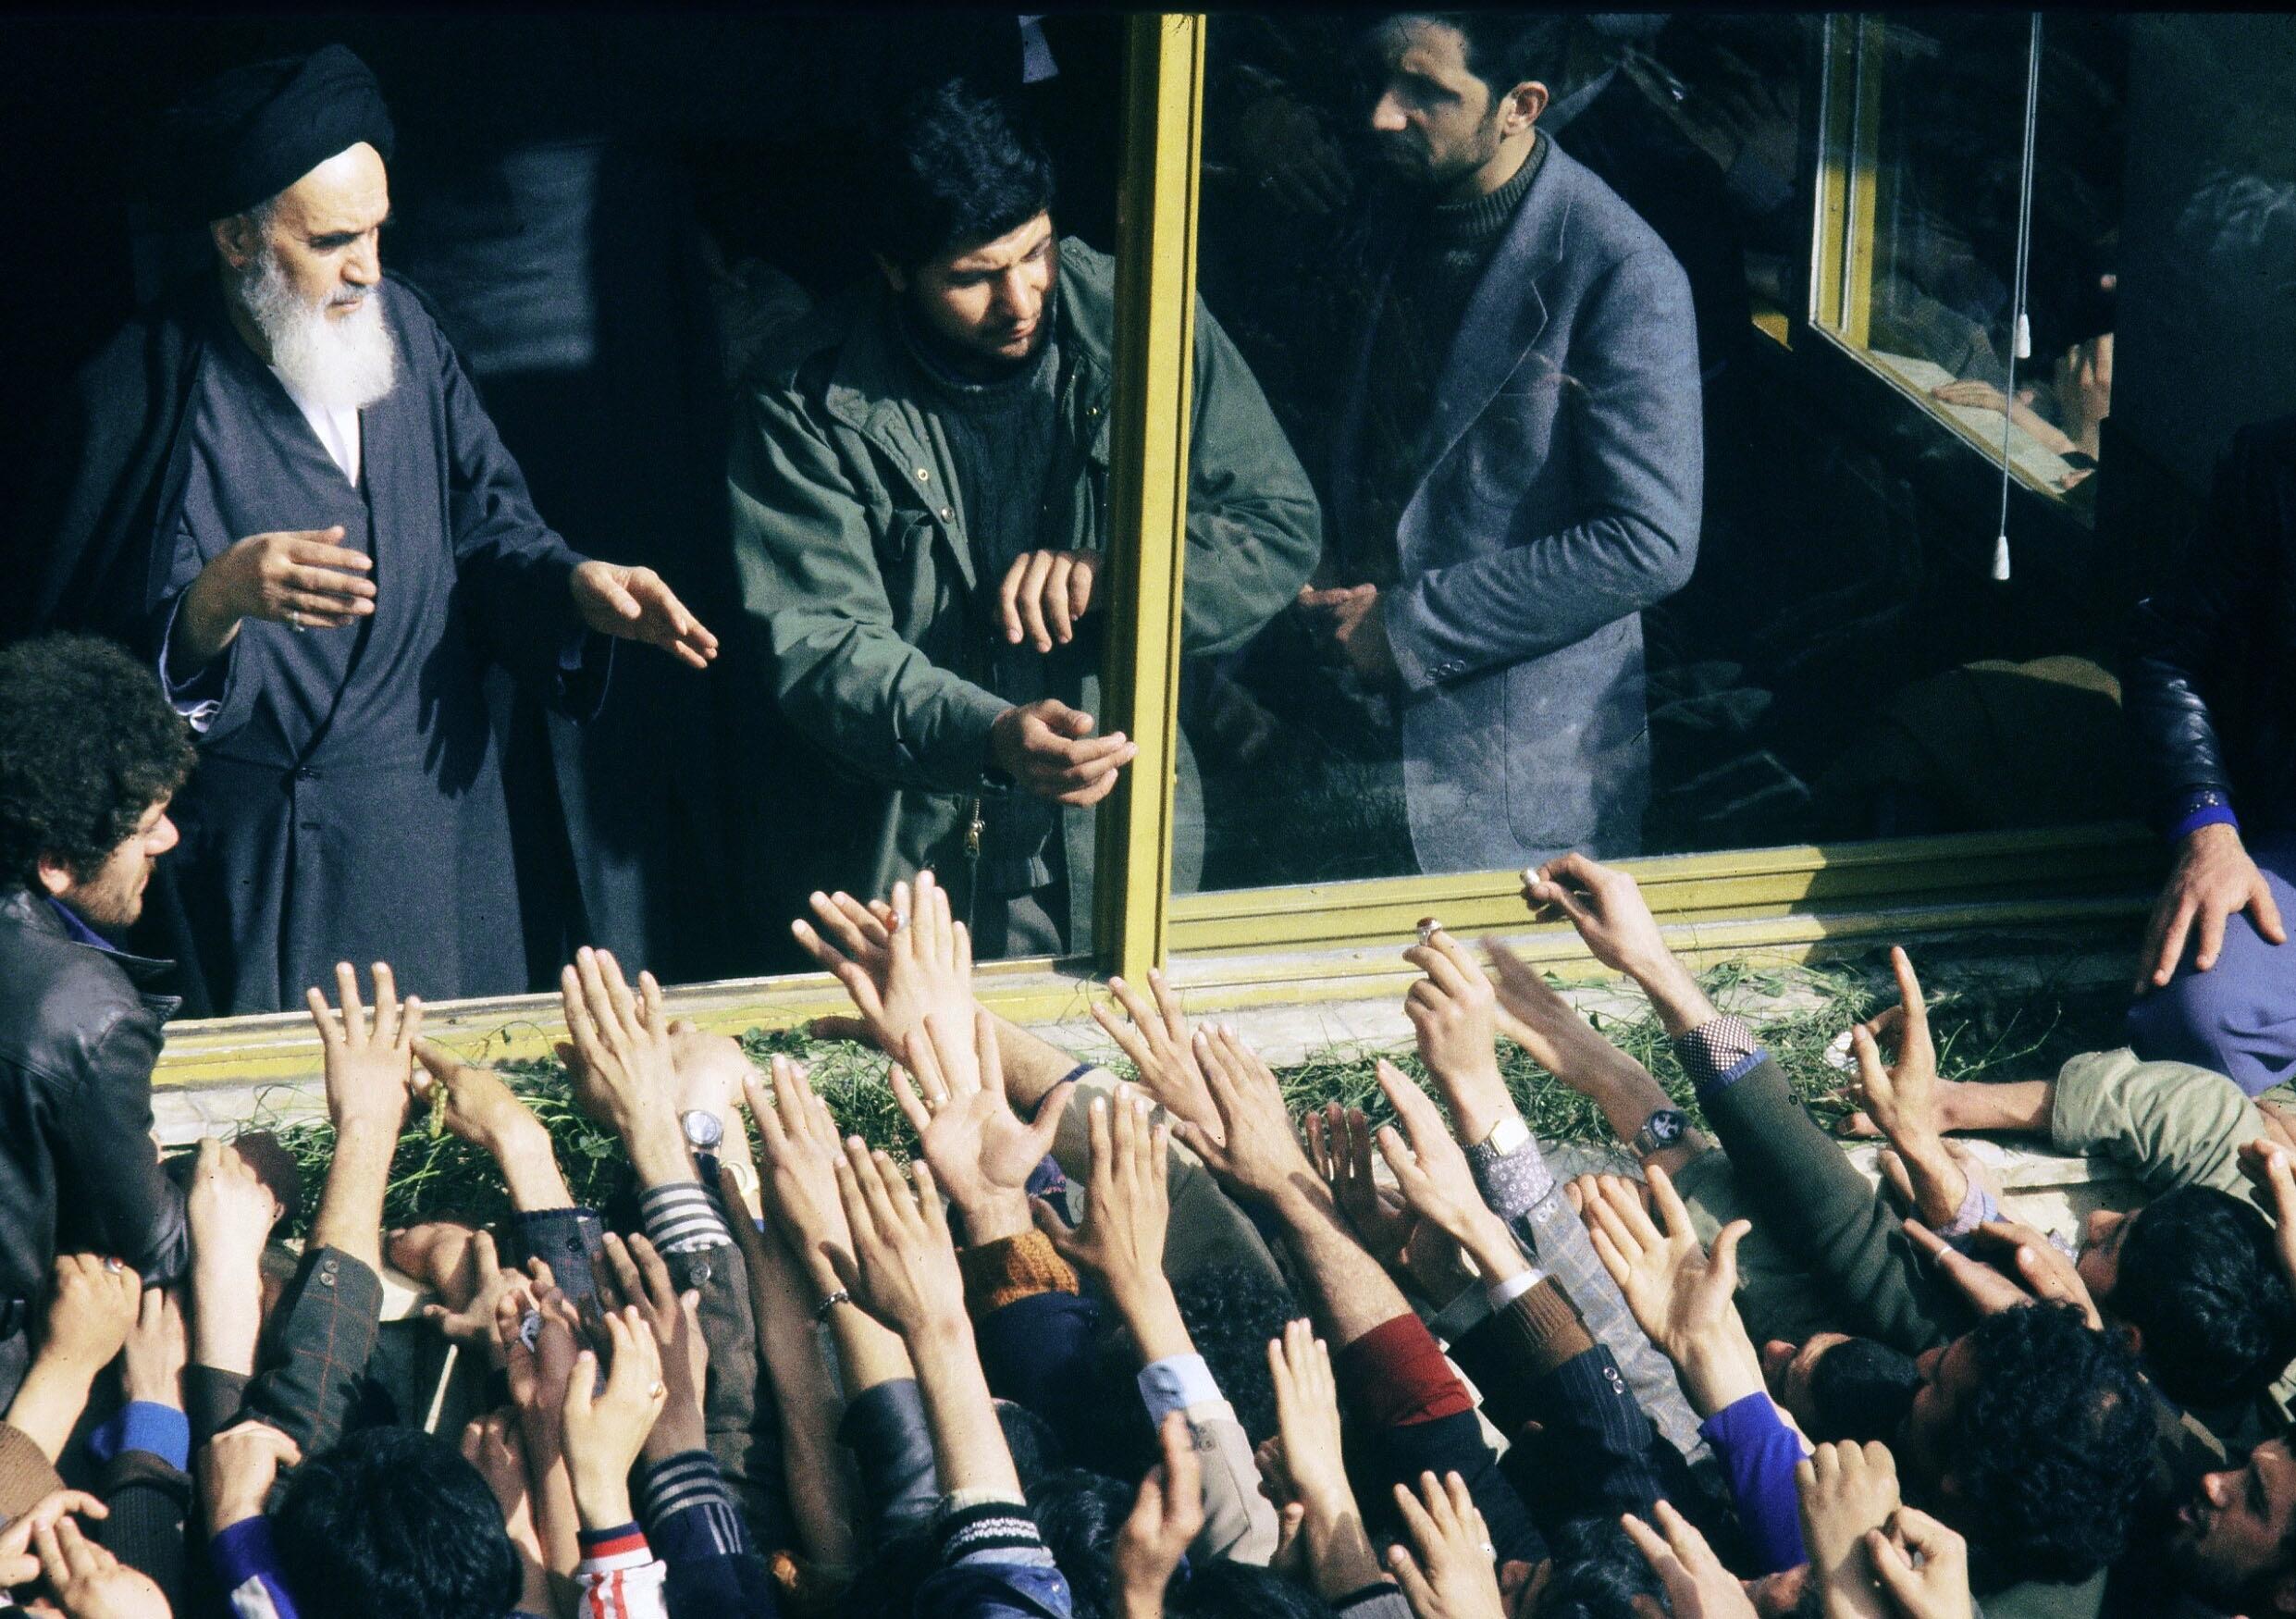 A világjárvány miatt újra kinyithattak az 1979-ben betiltott autós mozik Iránban